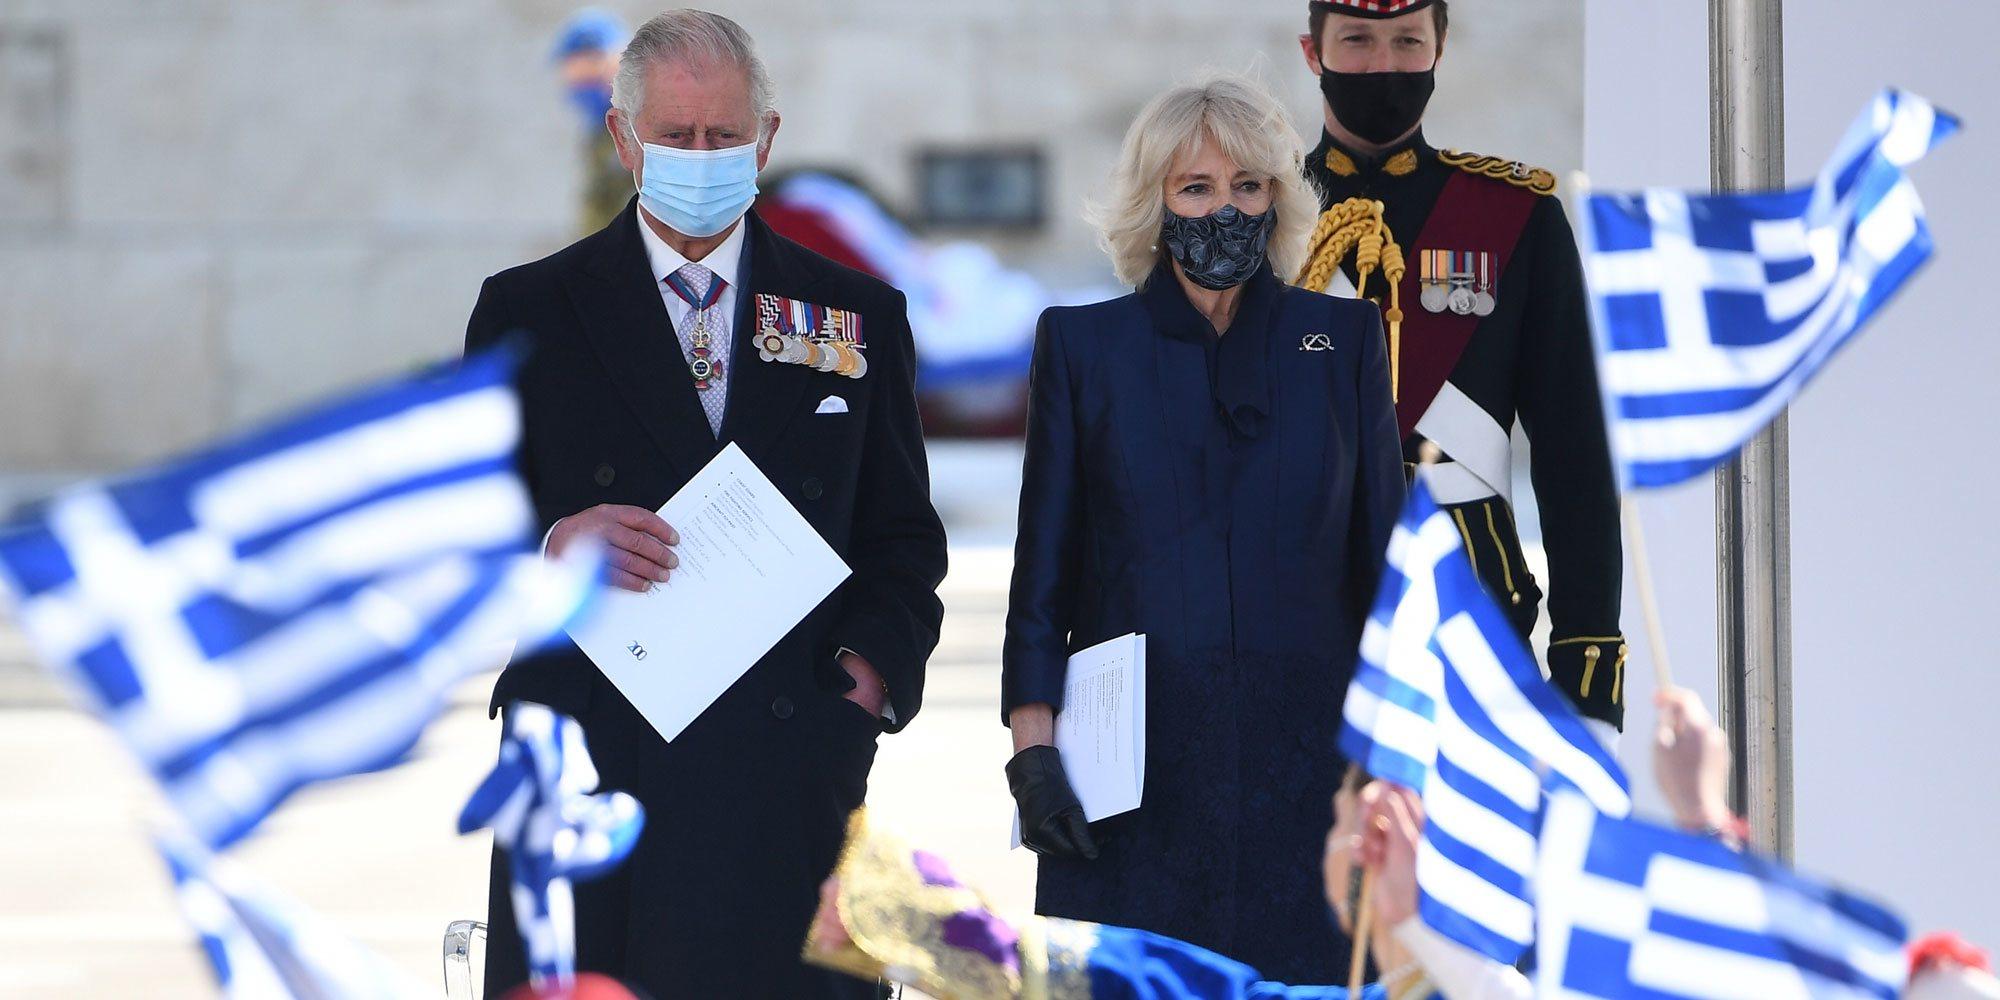 El recuerdo del Príncipe Carlos a su origen griego con mención al Duque de Edimburgo en su visita a Grecia junto a Camilla